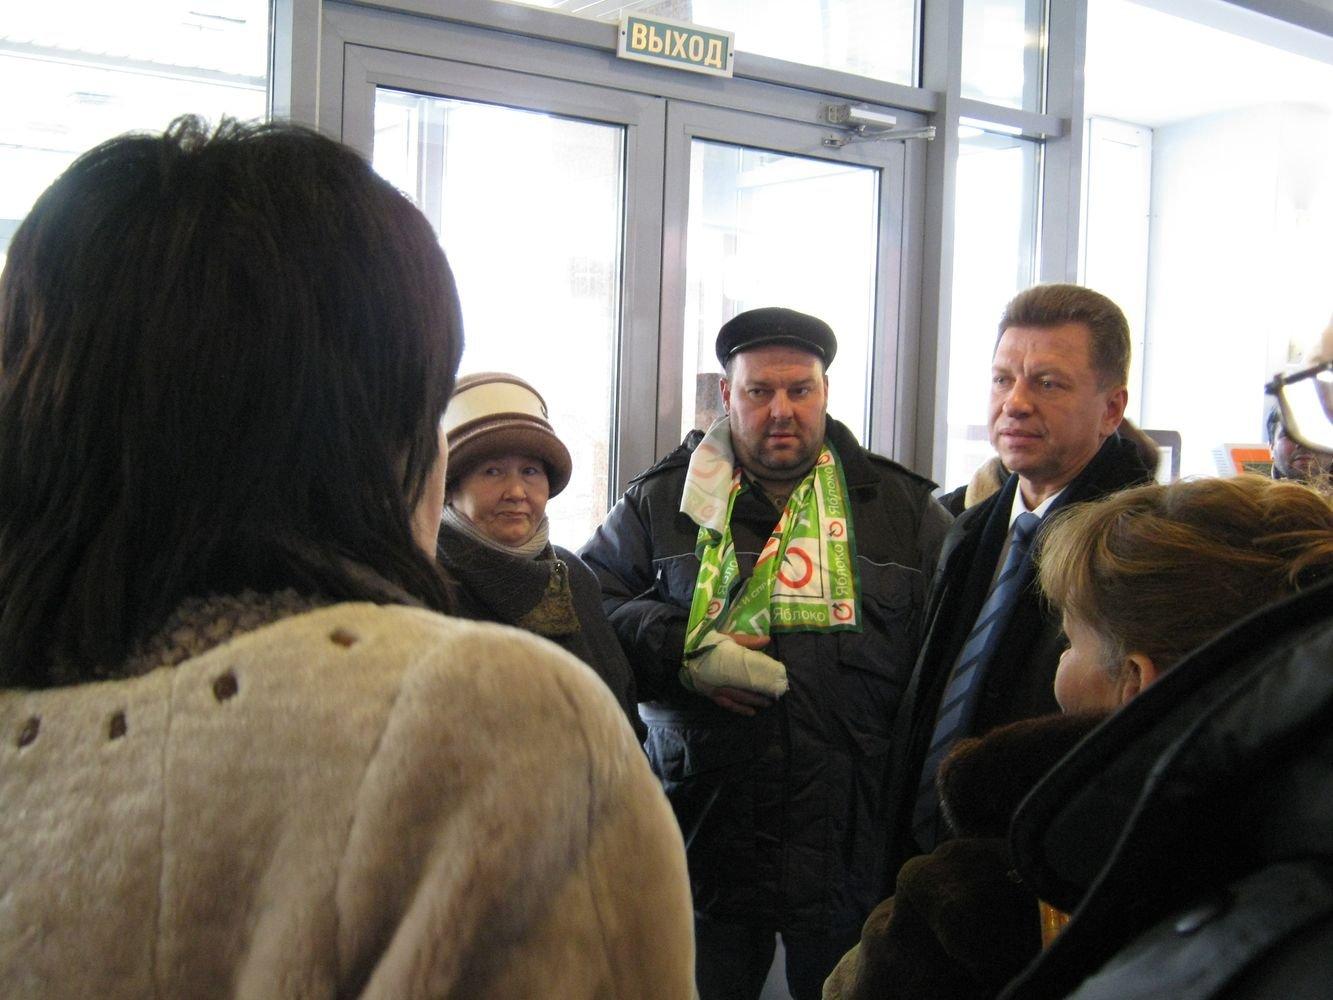 Пикетчикам удалось переговорить с Виктором Савельевым. Фото ©День.org